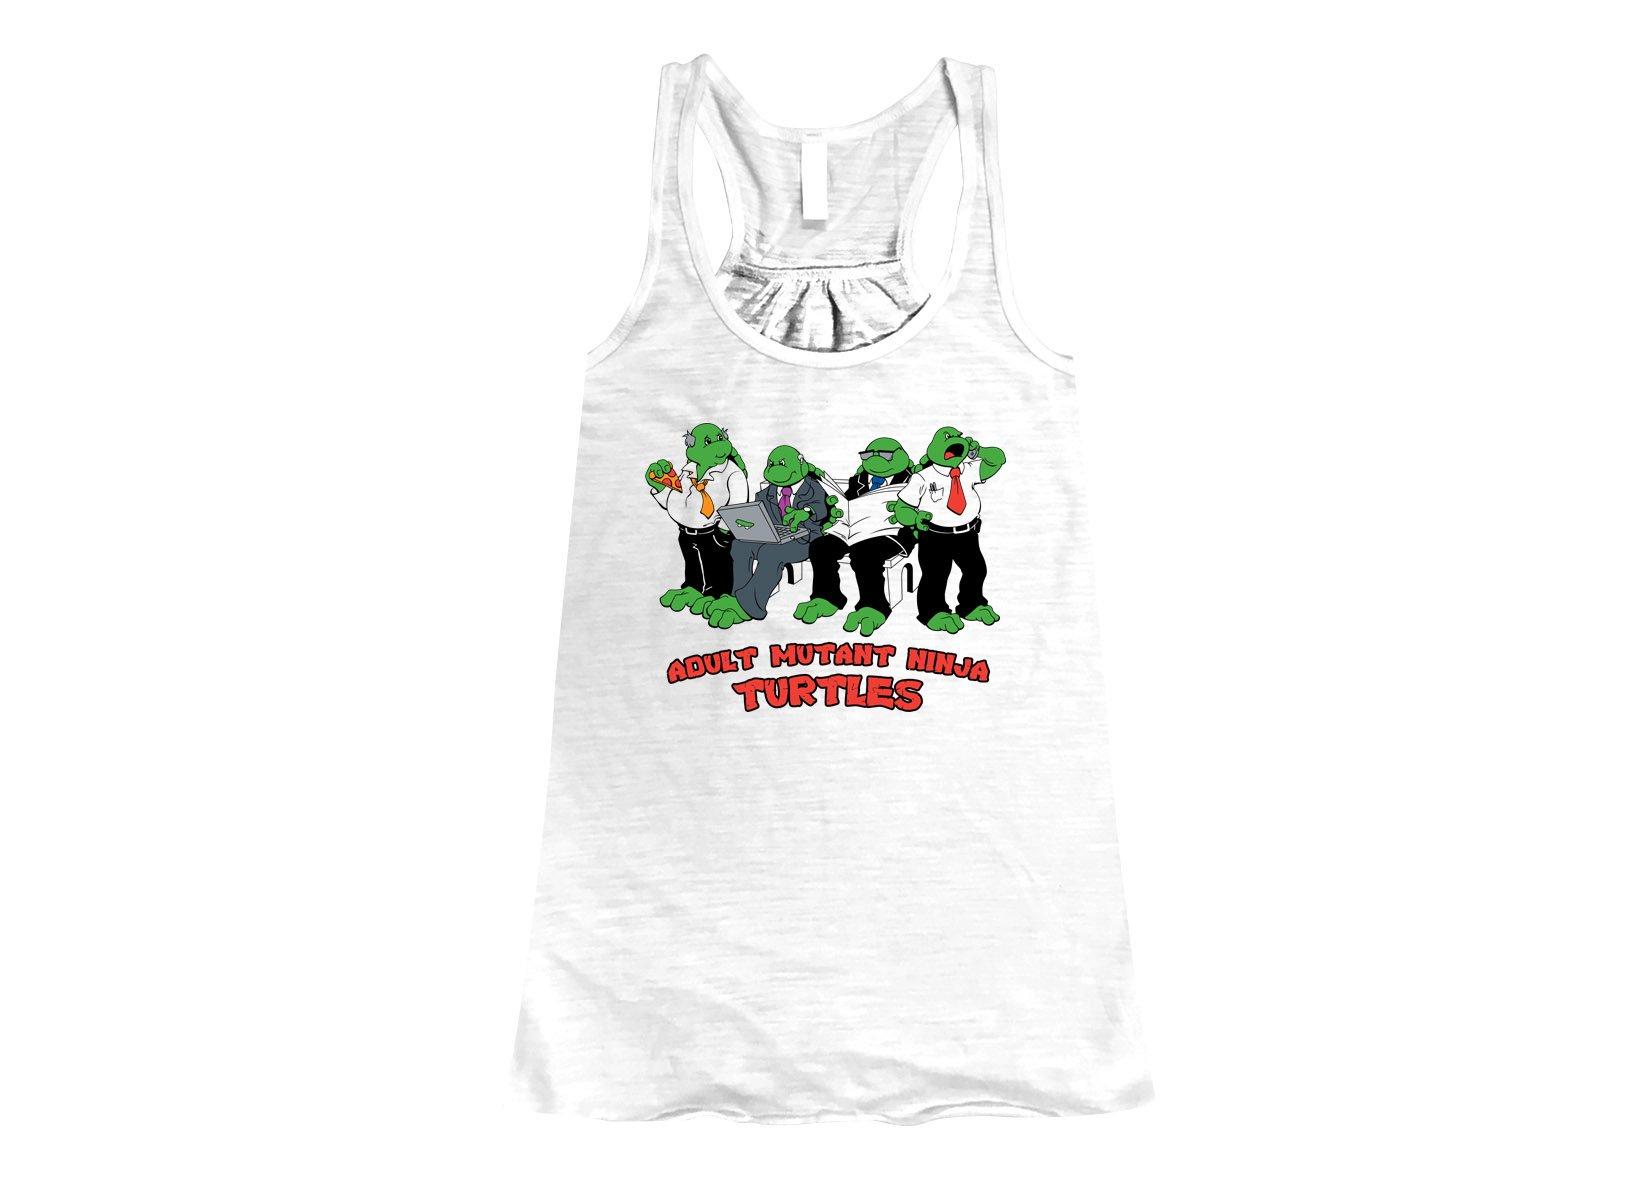 Adult Mutant Ninja Turtles on Womens Tanks T-Shirt